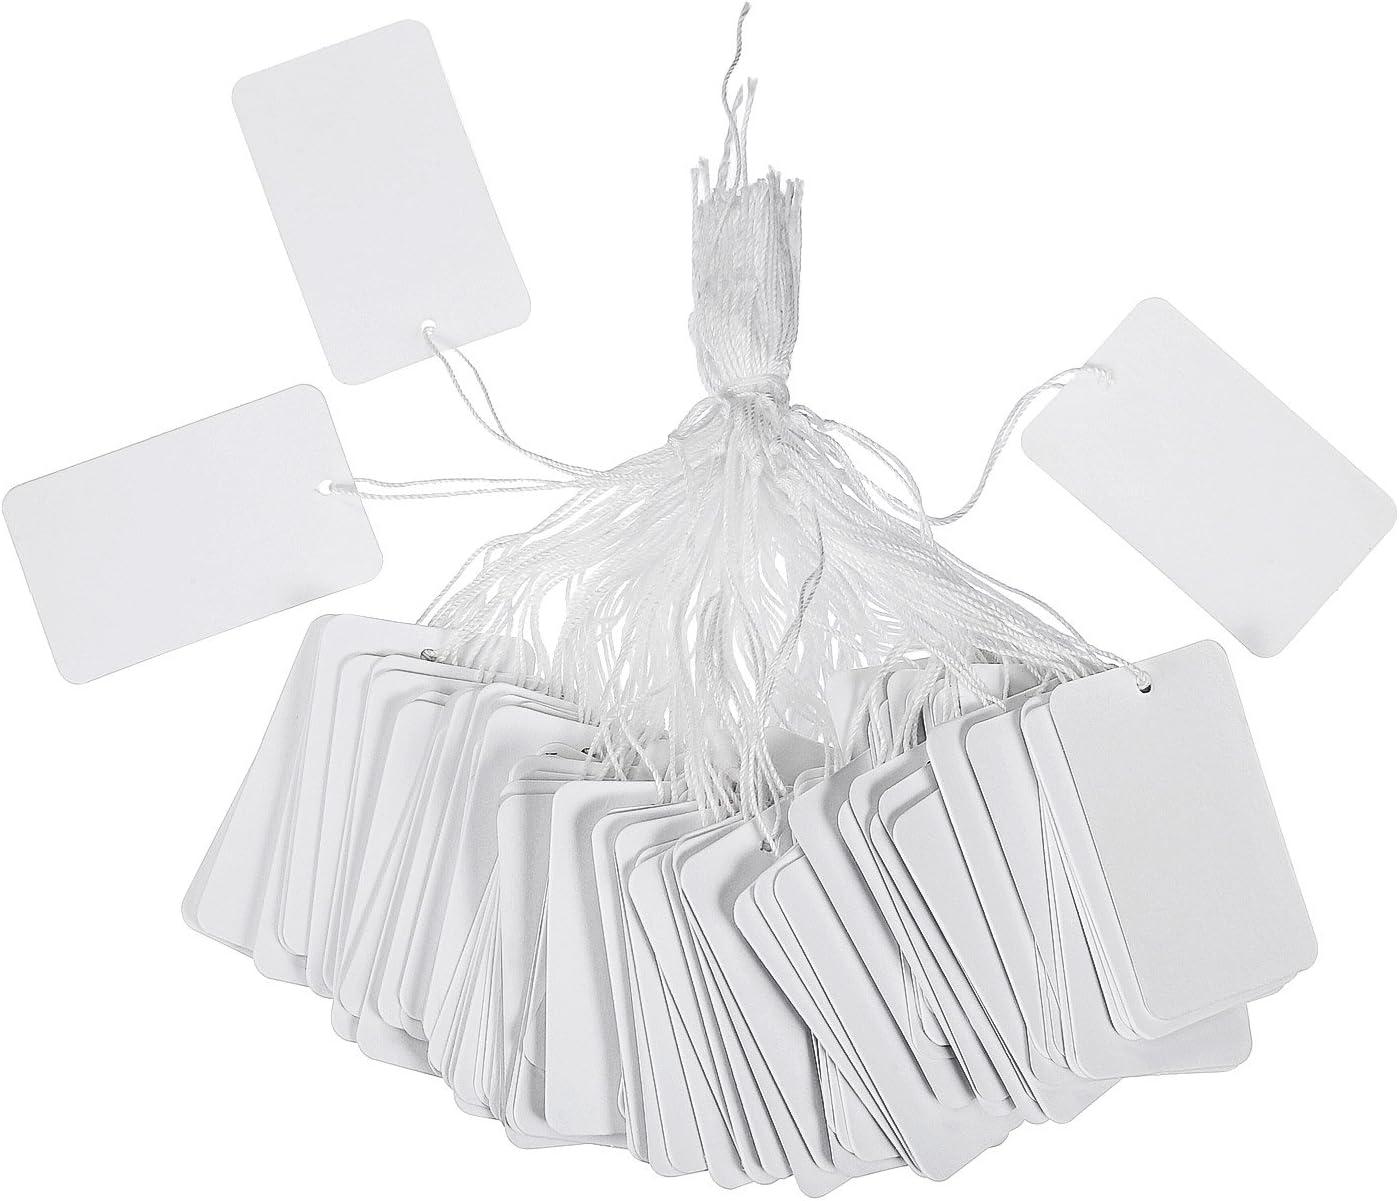 500 Piezas de Etiquetas de Precio con Cordel Blancas Etiqueta Rectangular Etiquetas Colgantes de Ropa Joyería Etiqueta de Marcado, 30 por 48 mm